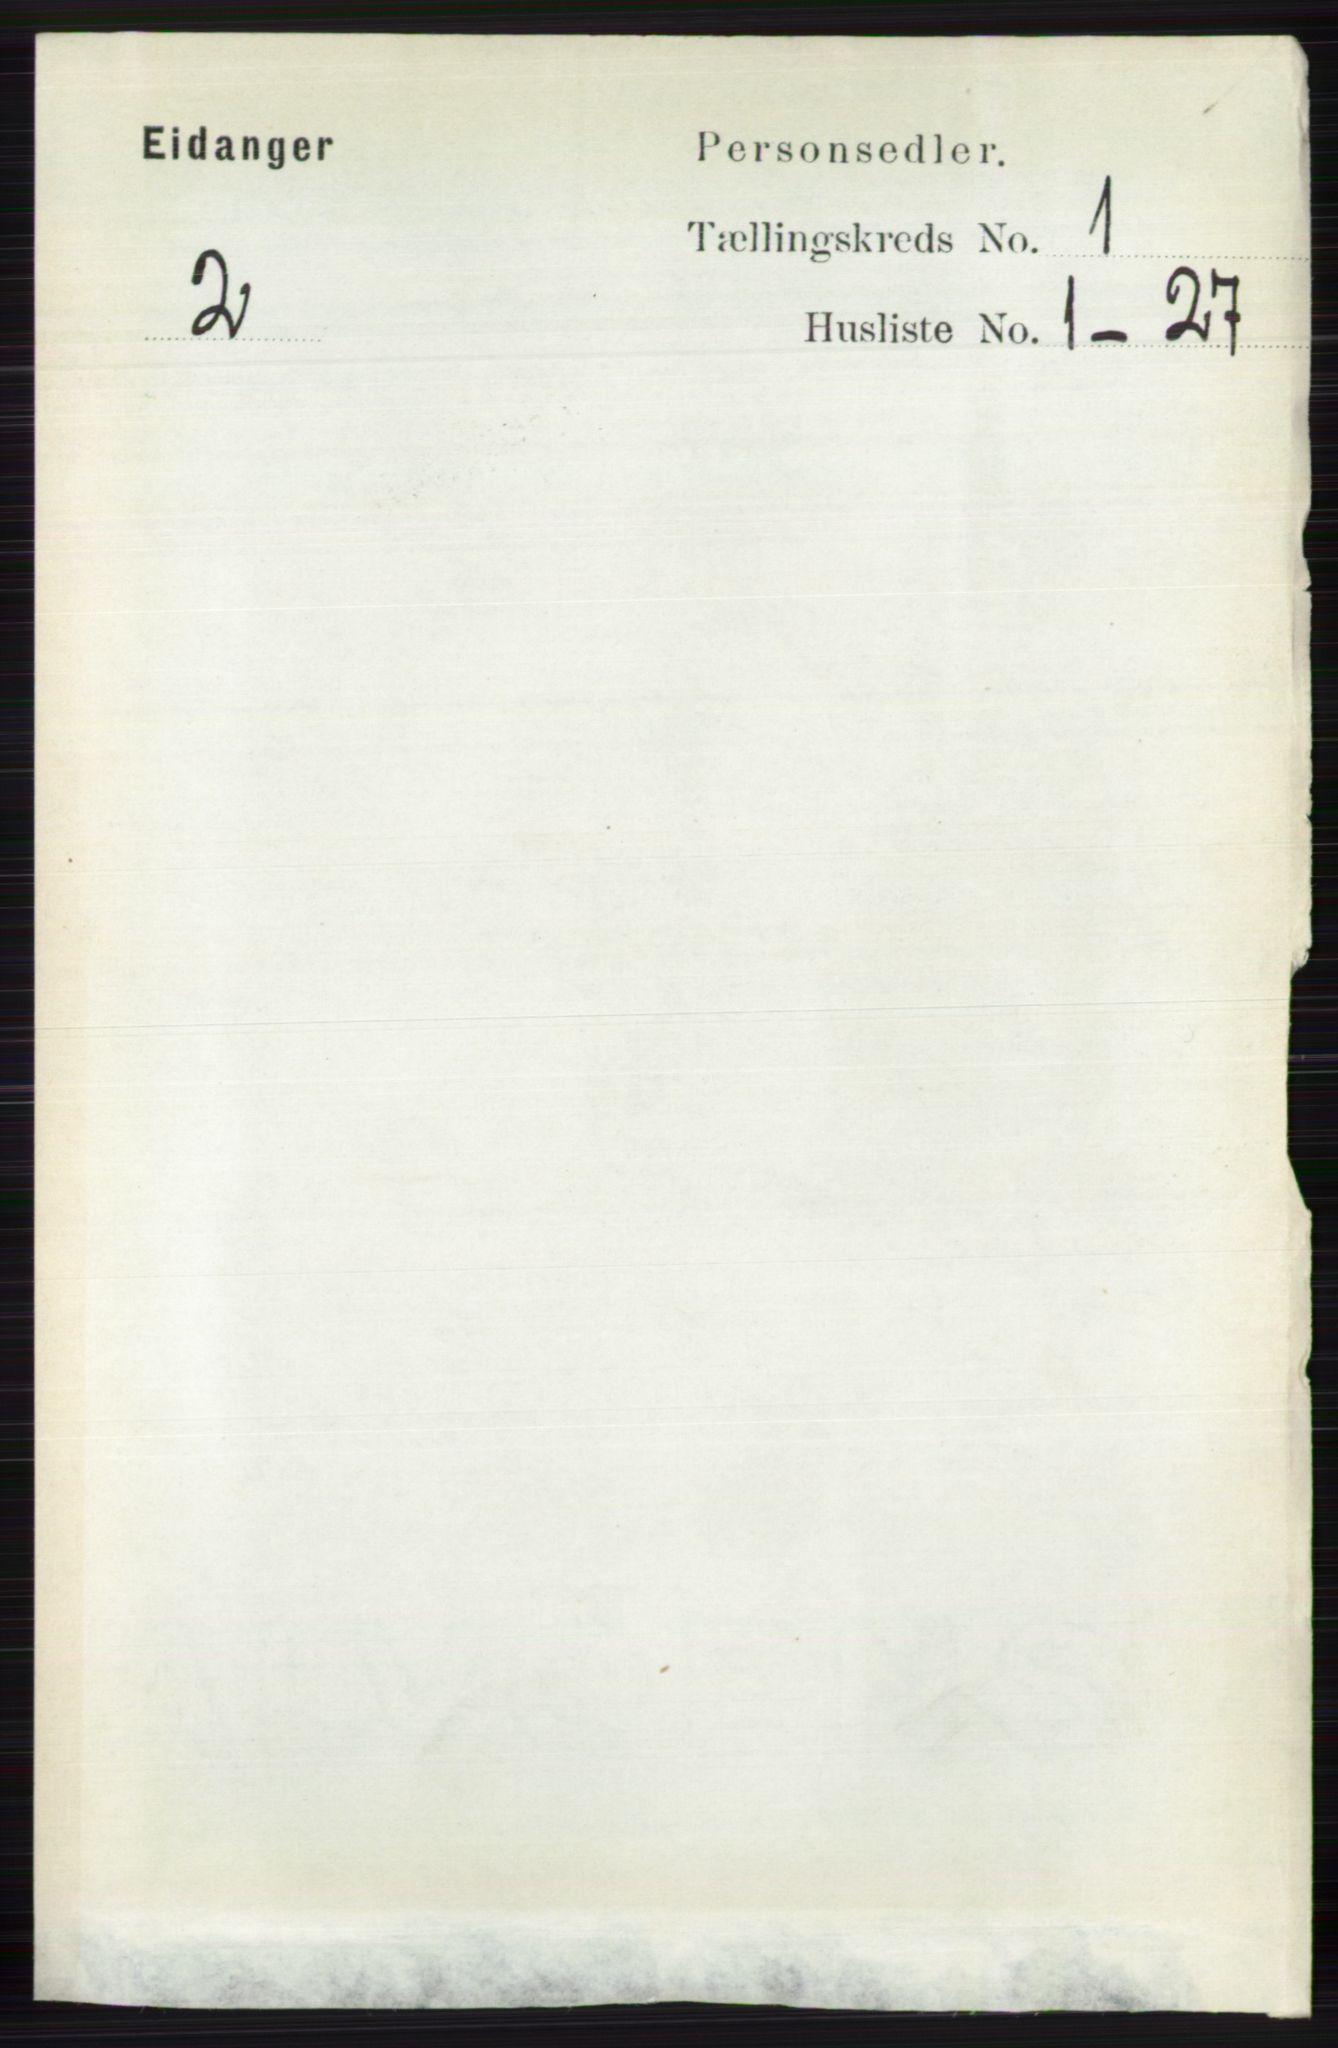 RA, Folketelling 1891 for 0813 Eidanger herred, 1891, s. 148